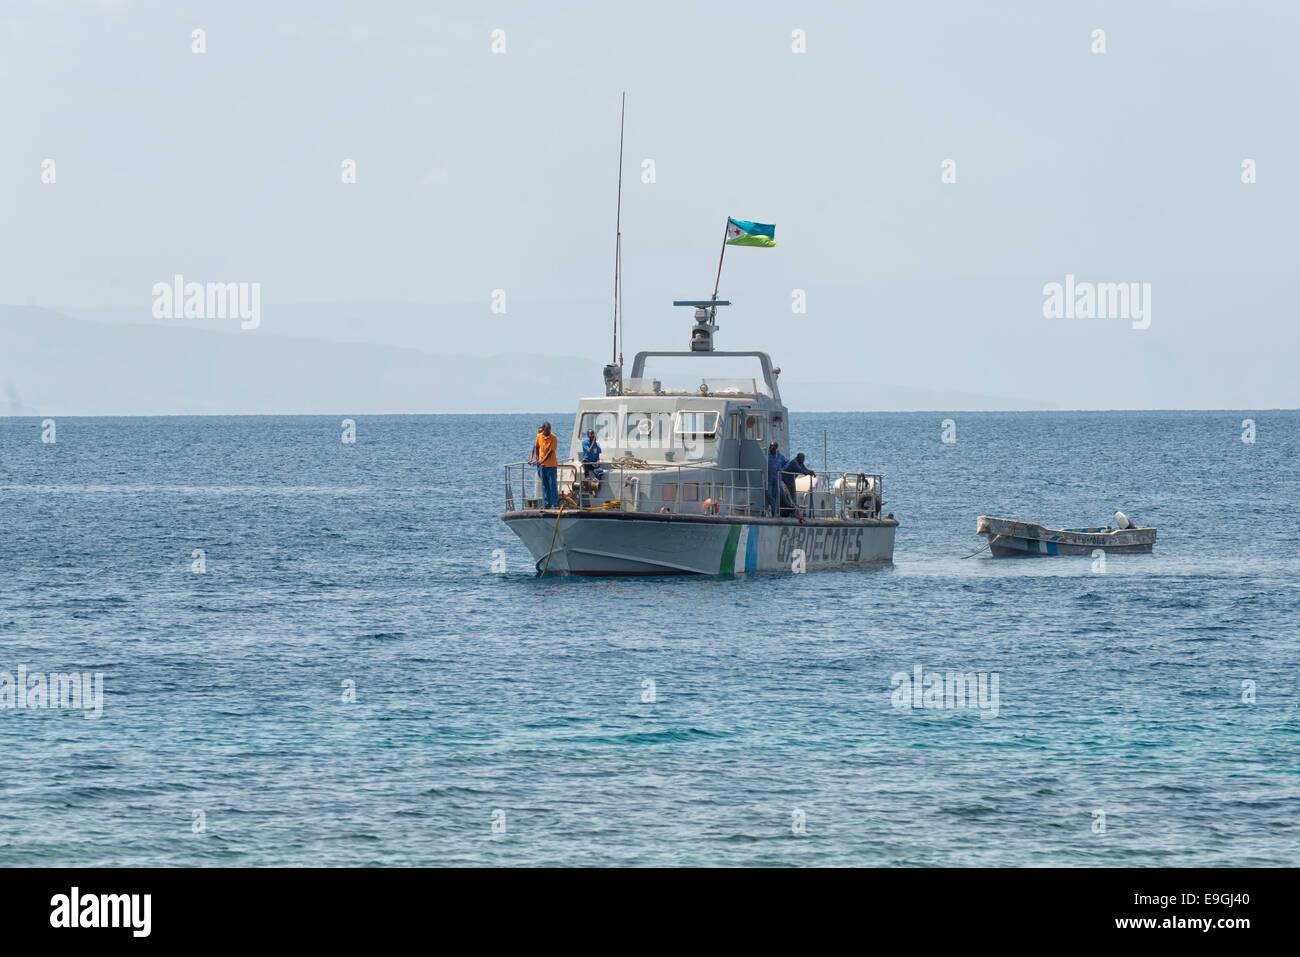 Patrol Boat at Les Sables Beach, Djibouti - Stock Image